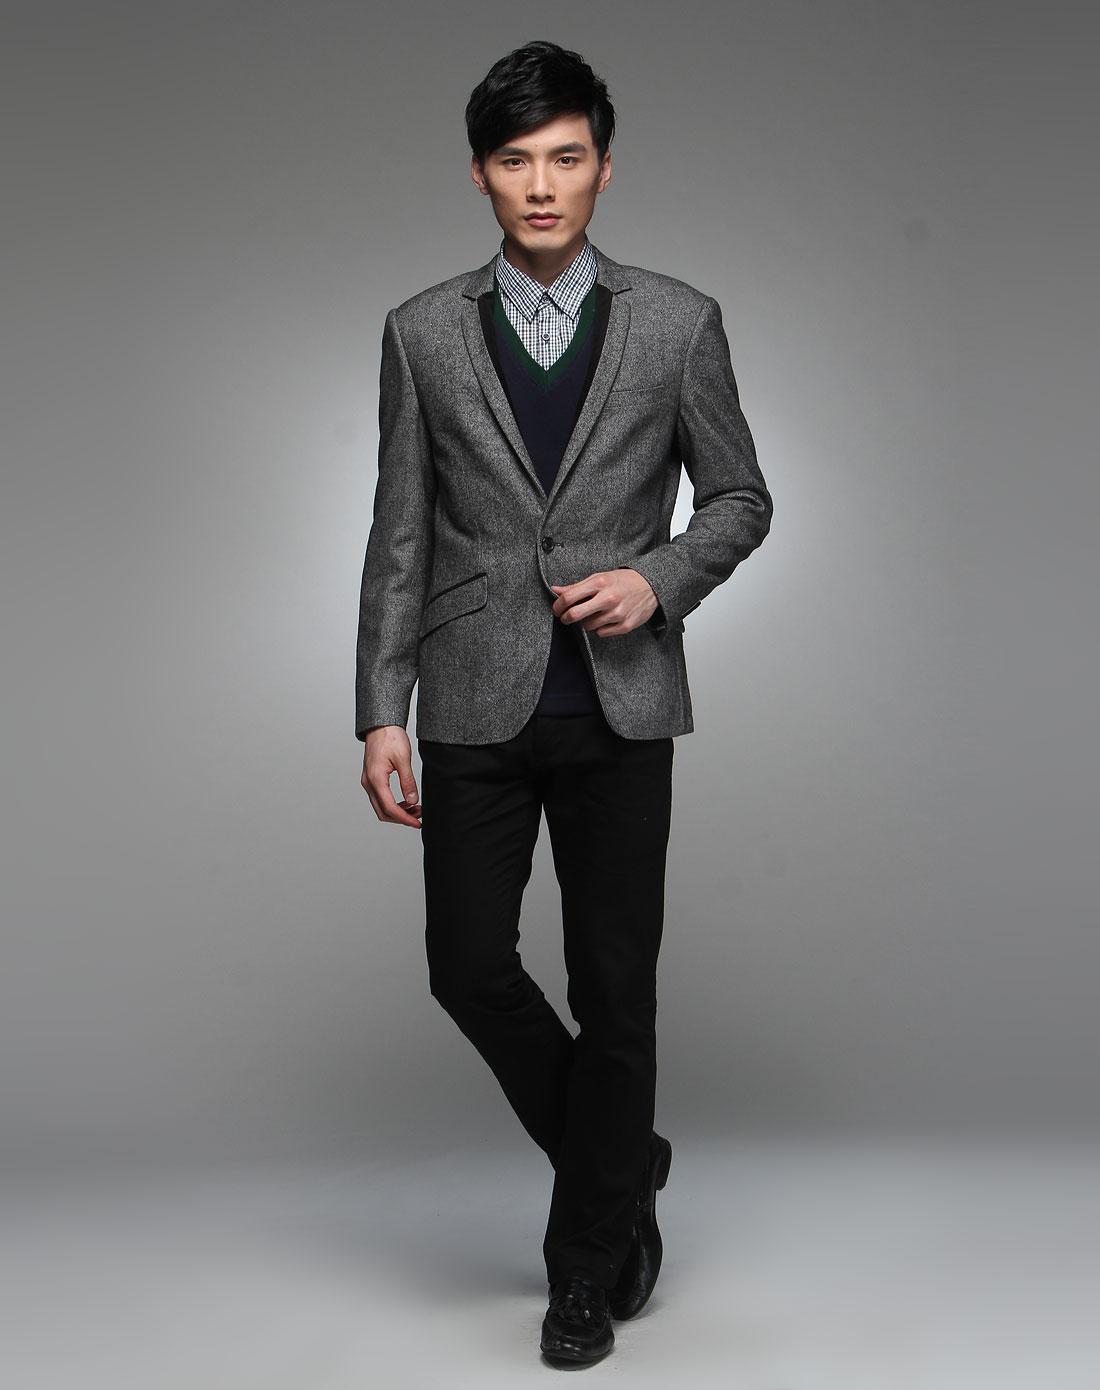 男 灰色大衣 搭配